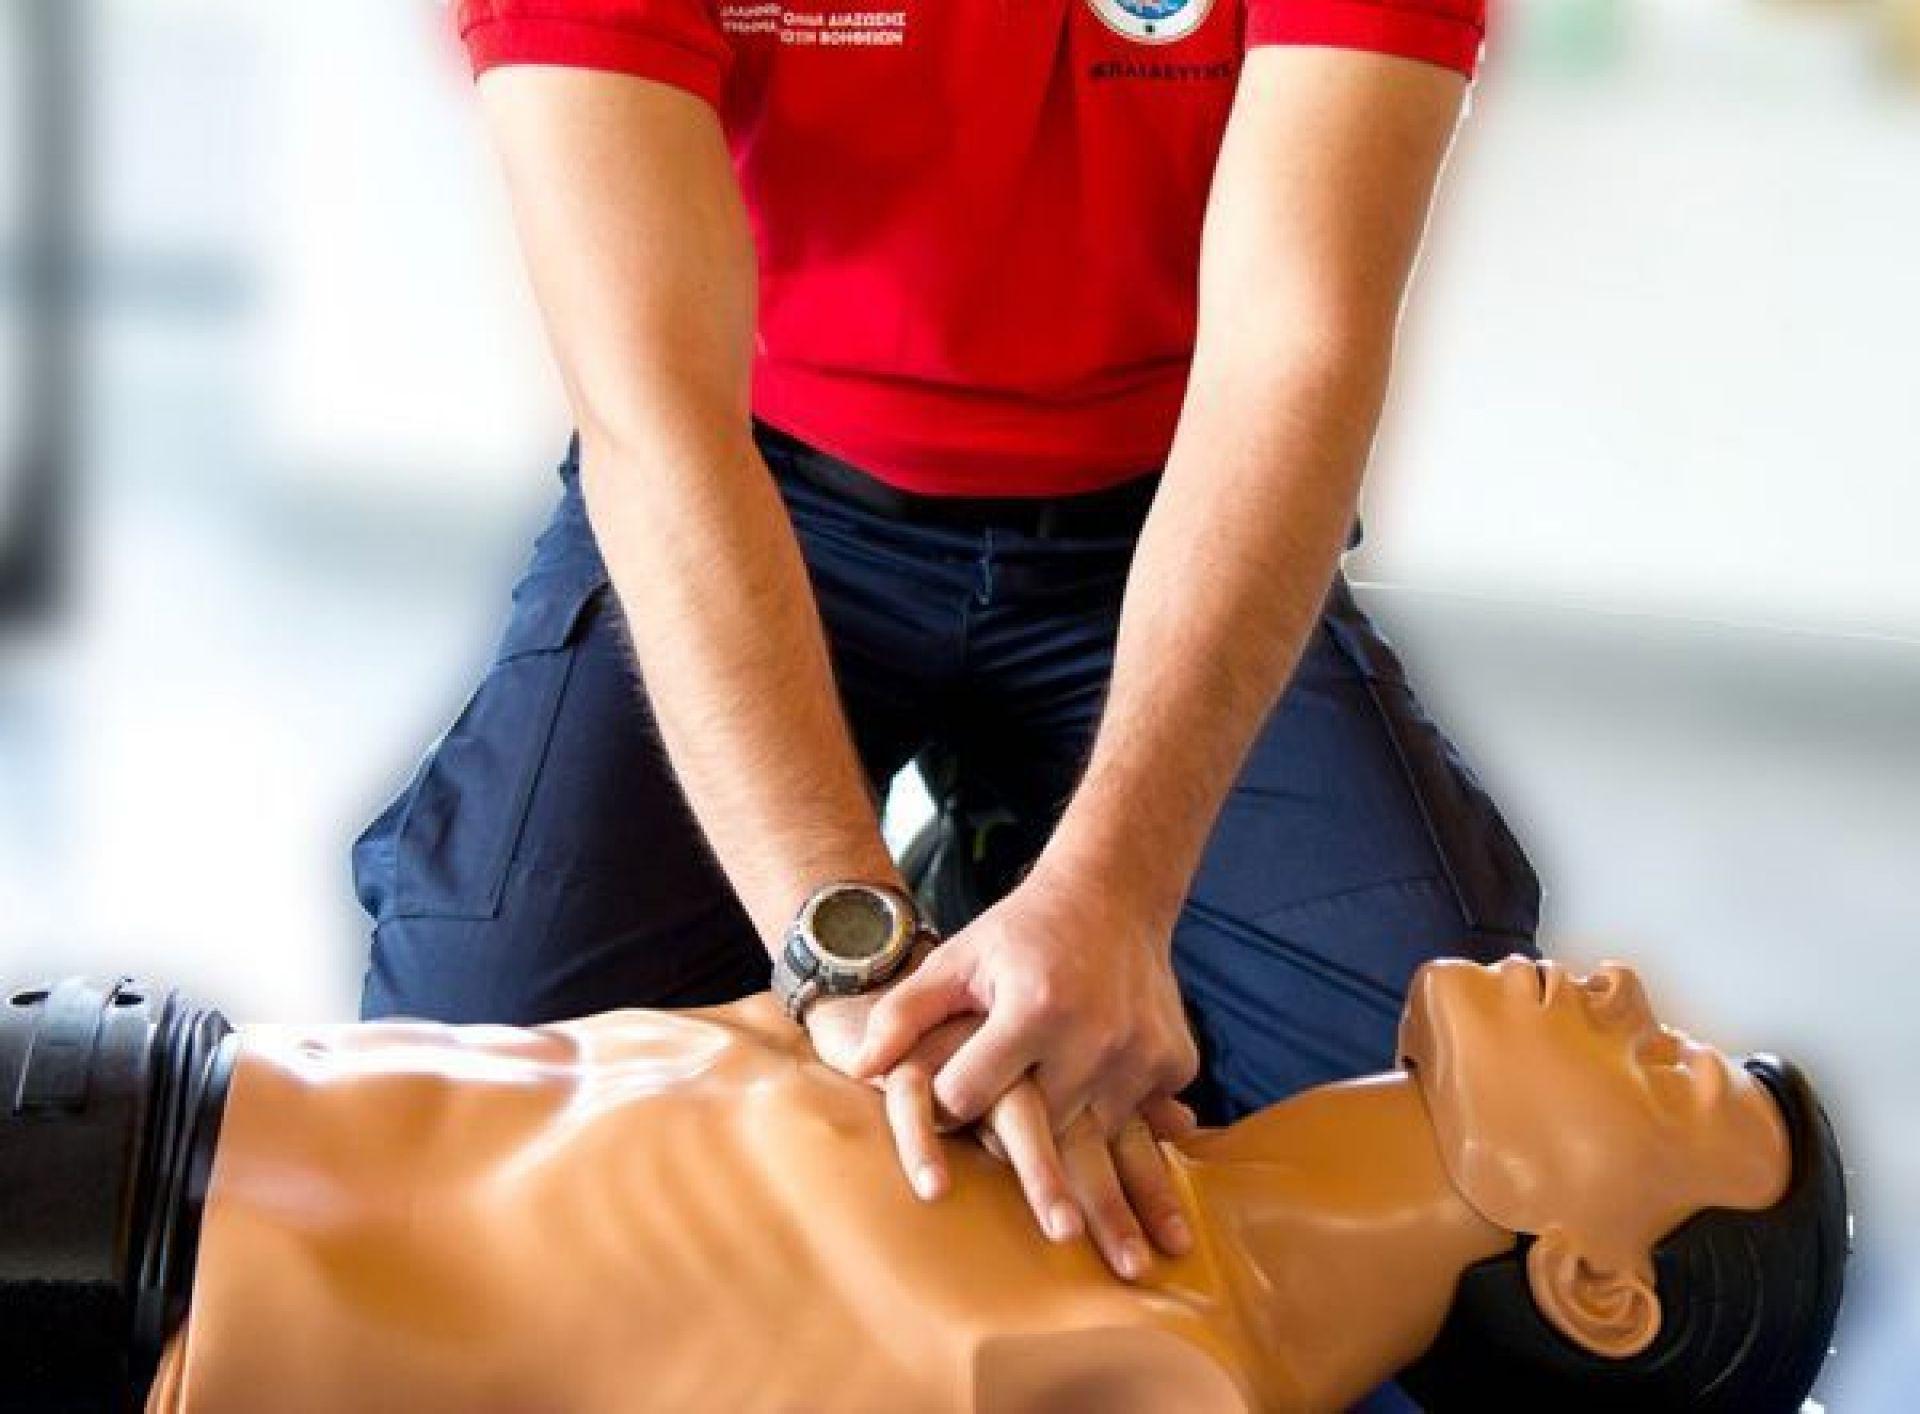 Σεμινάριο BLS-καρδιοαναπνευστικής αναζωογόνησης στο Νοσοκομείο Καλαμάτας